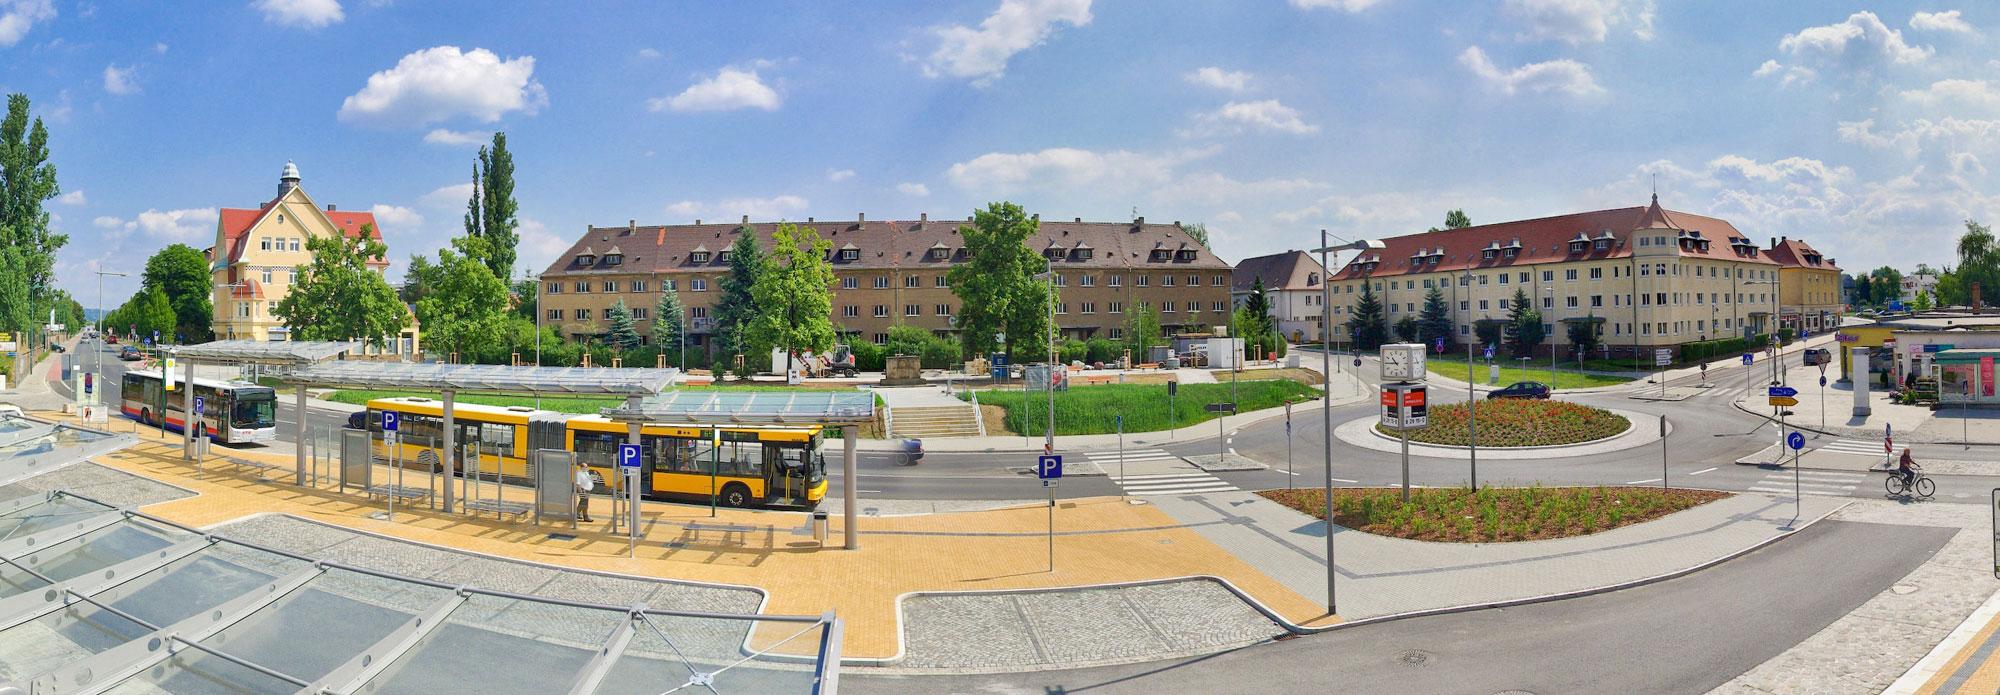 Entwurf von Verkehrsanlagen – Übersicht Referenzen – Bahnhofsvorplatz Heidenau